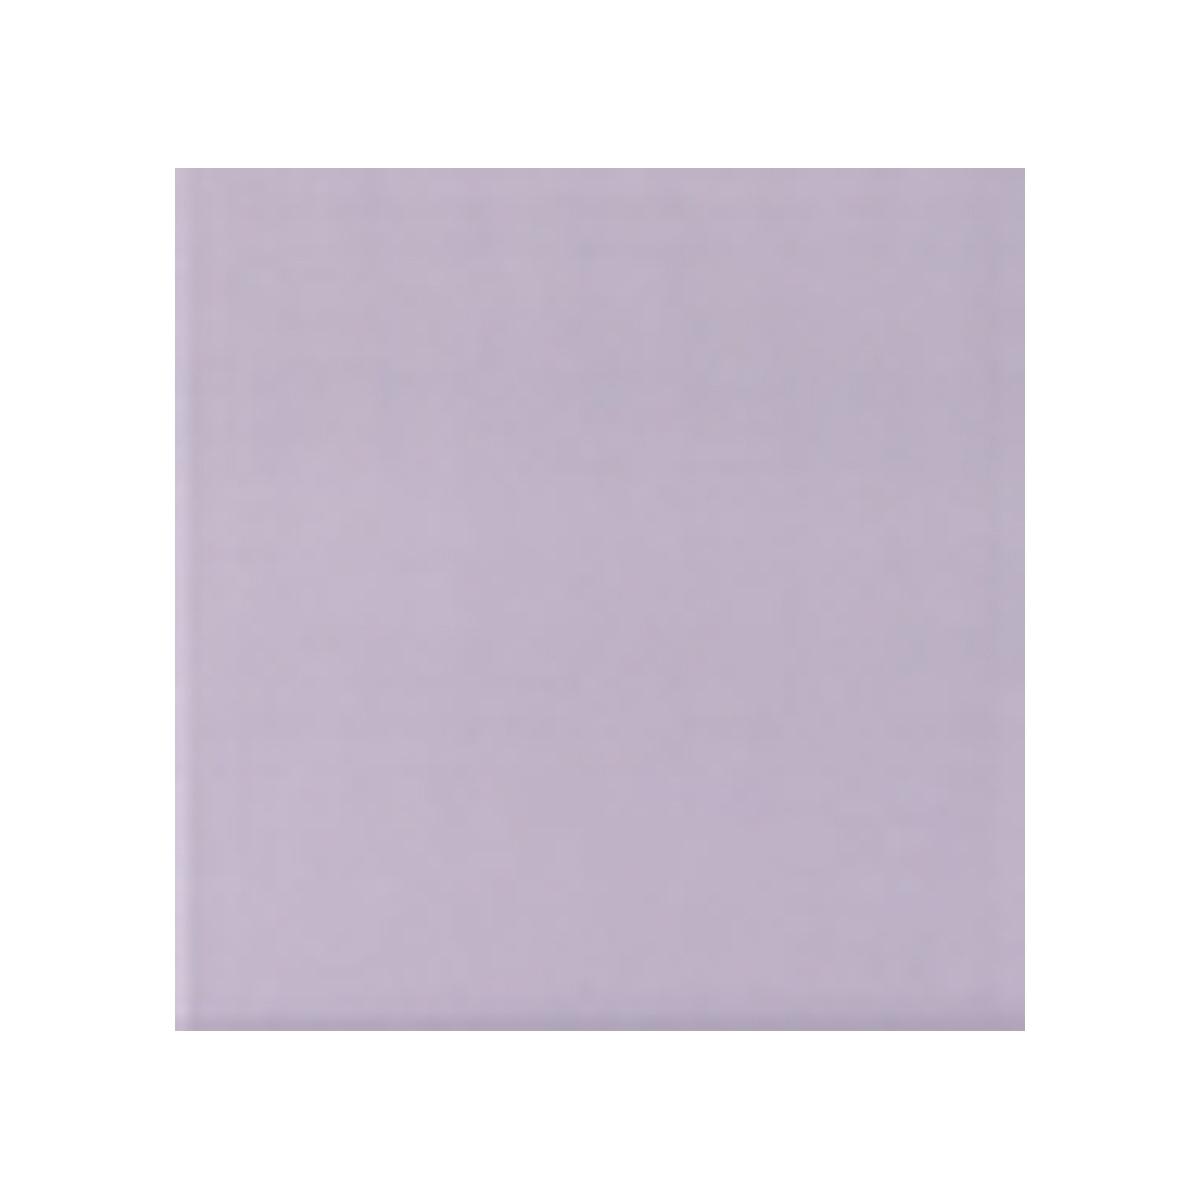 Color violeta mate - Colección Colores Mate - Marca Mainzu